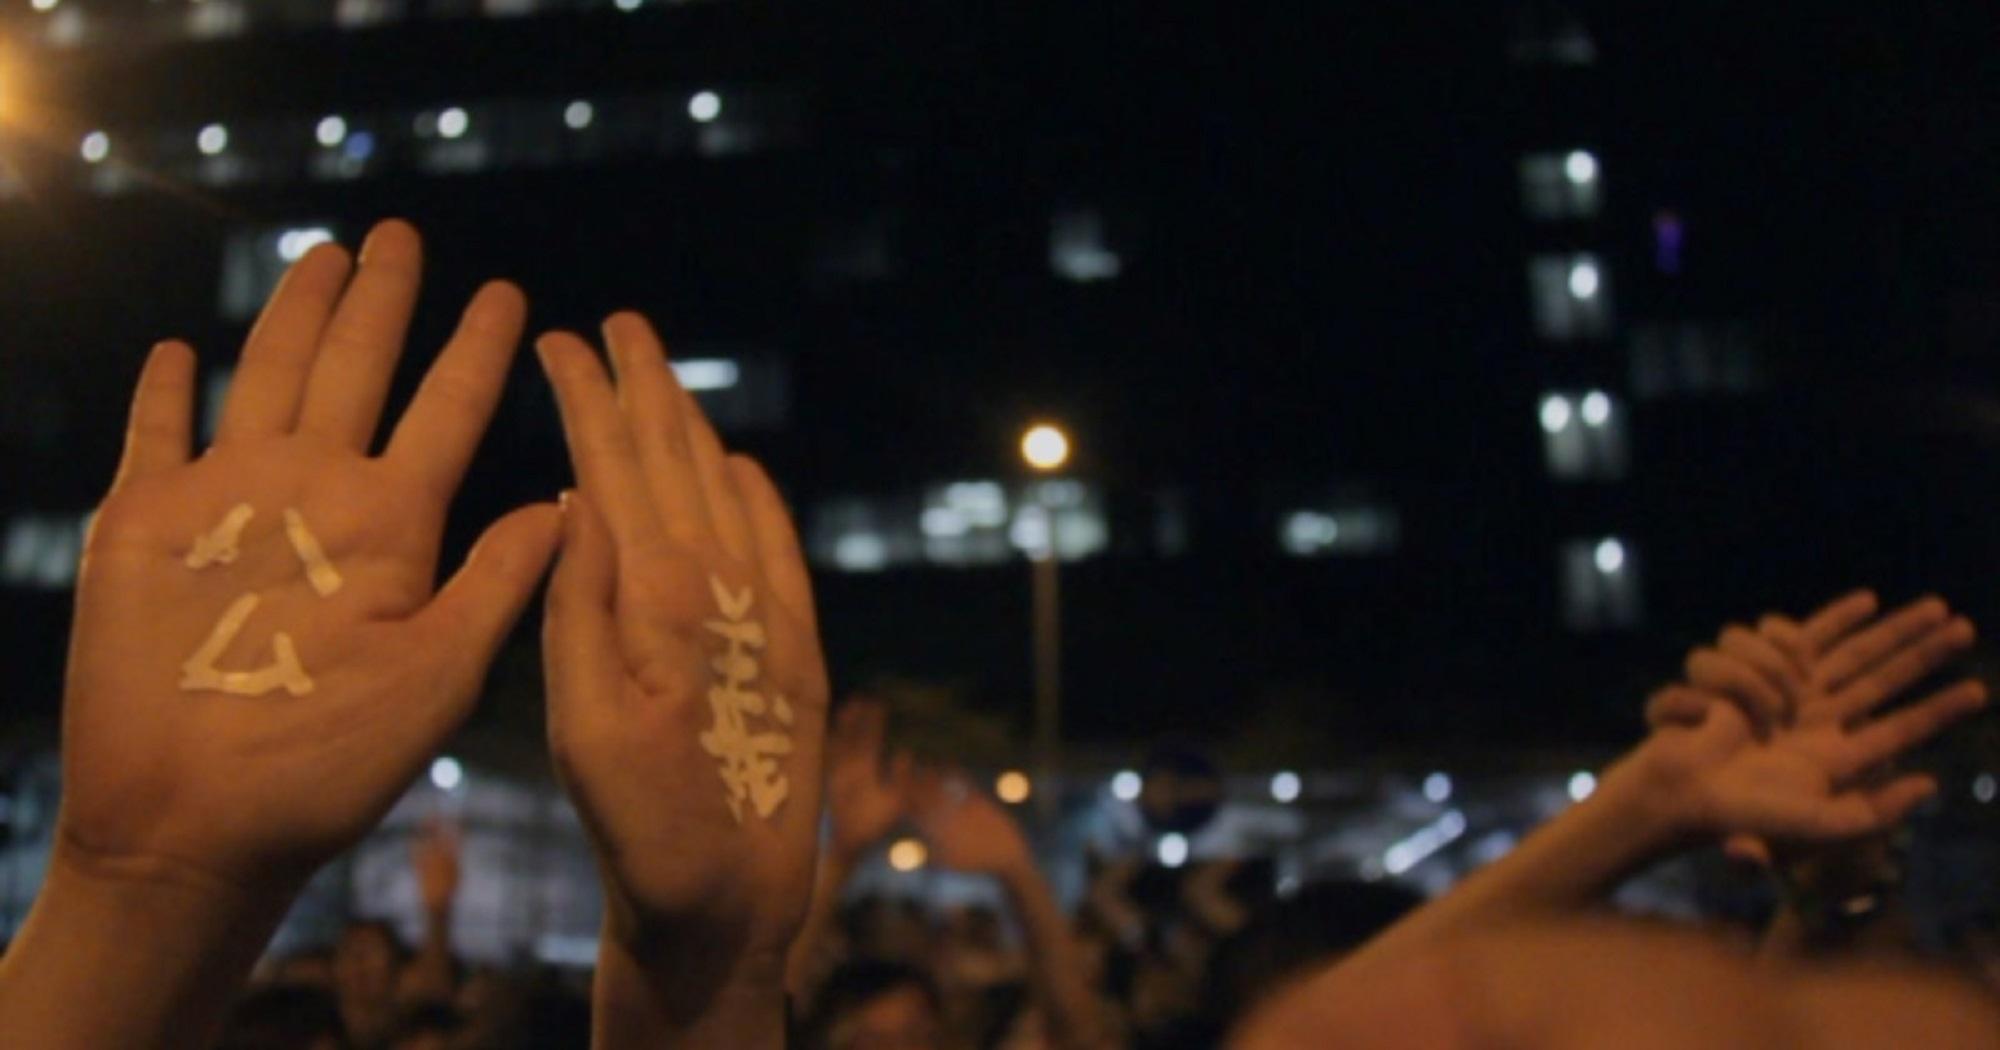 電影《亂世備忘》講述2014年佔領運動。(電影《亂世備忘》劇照)